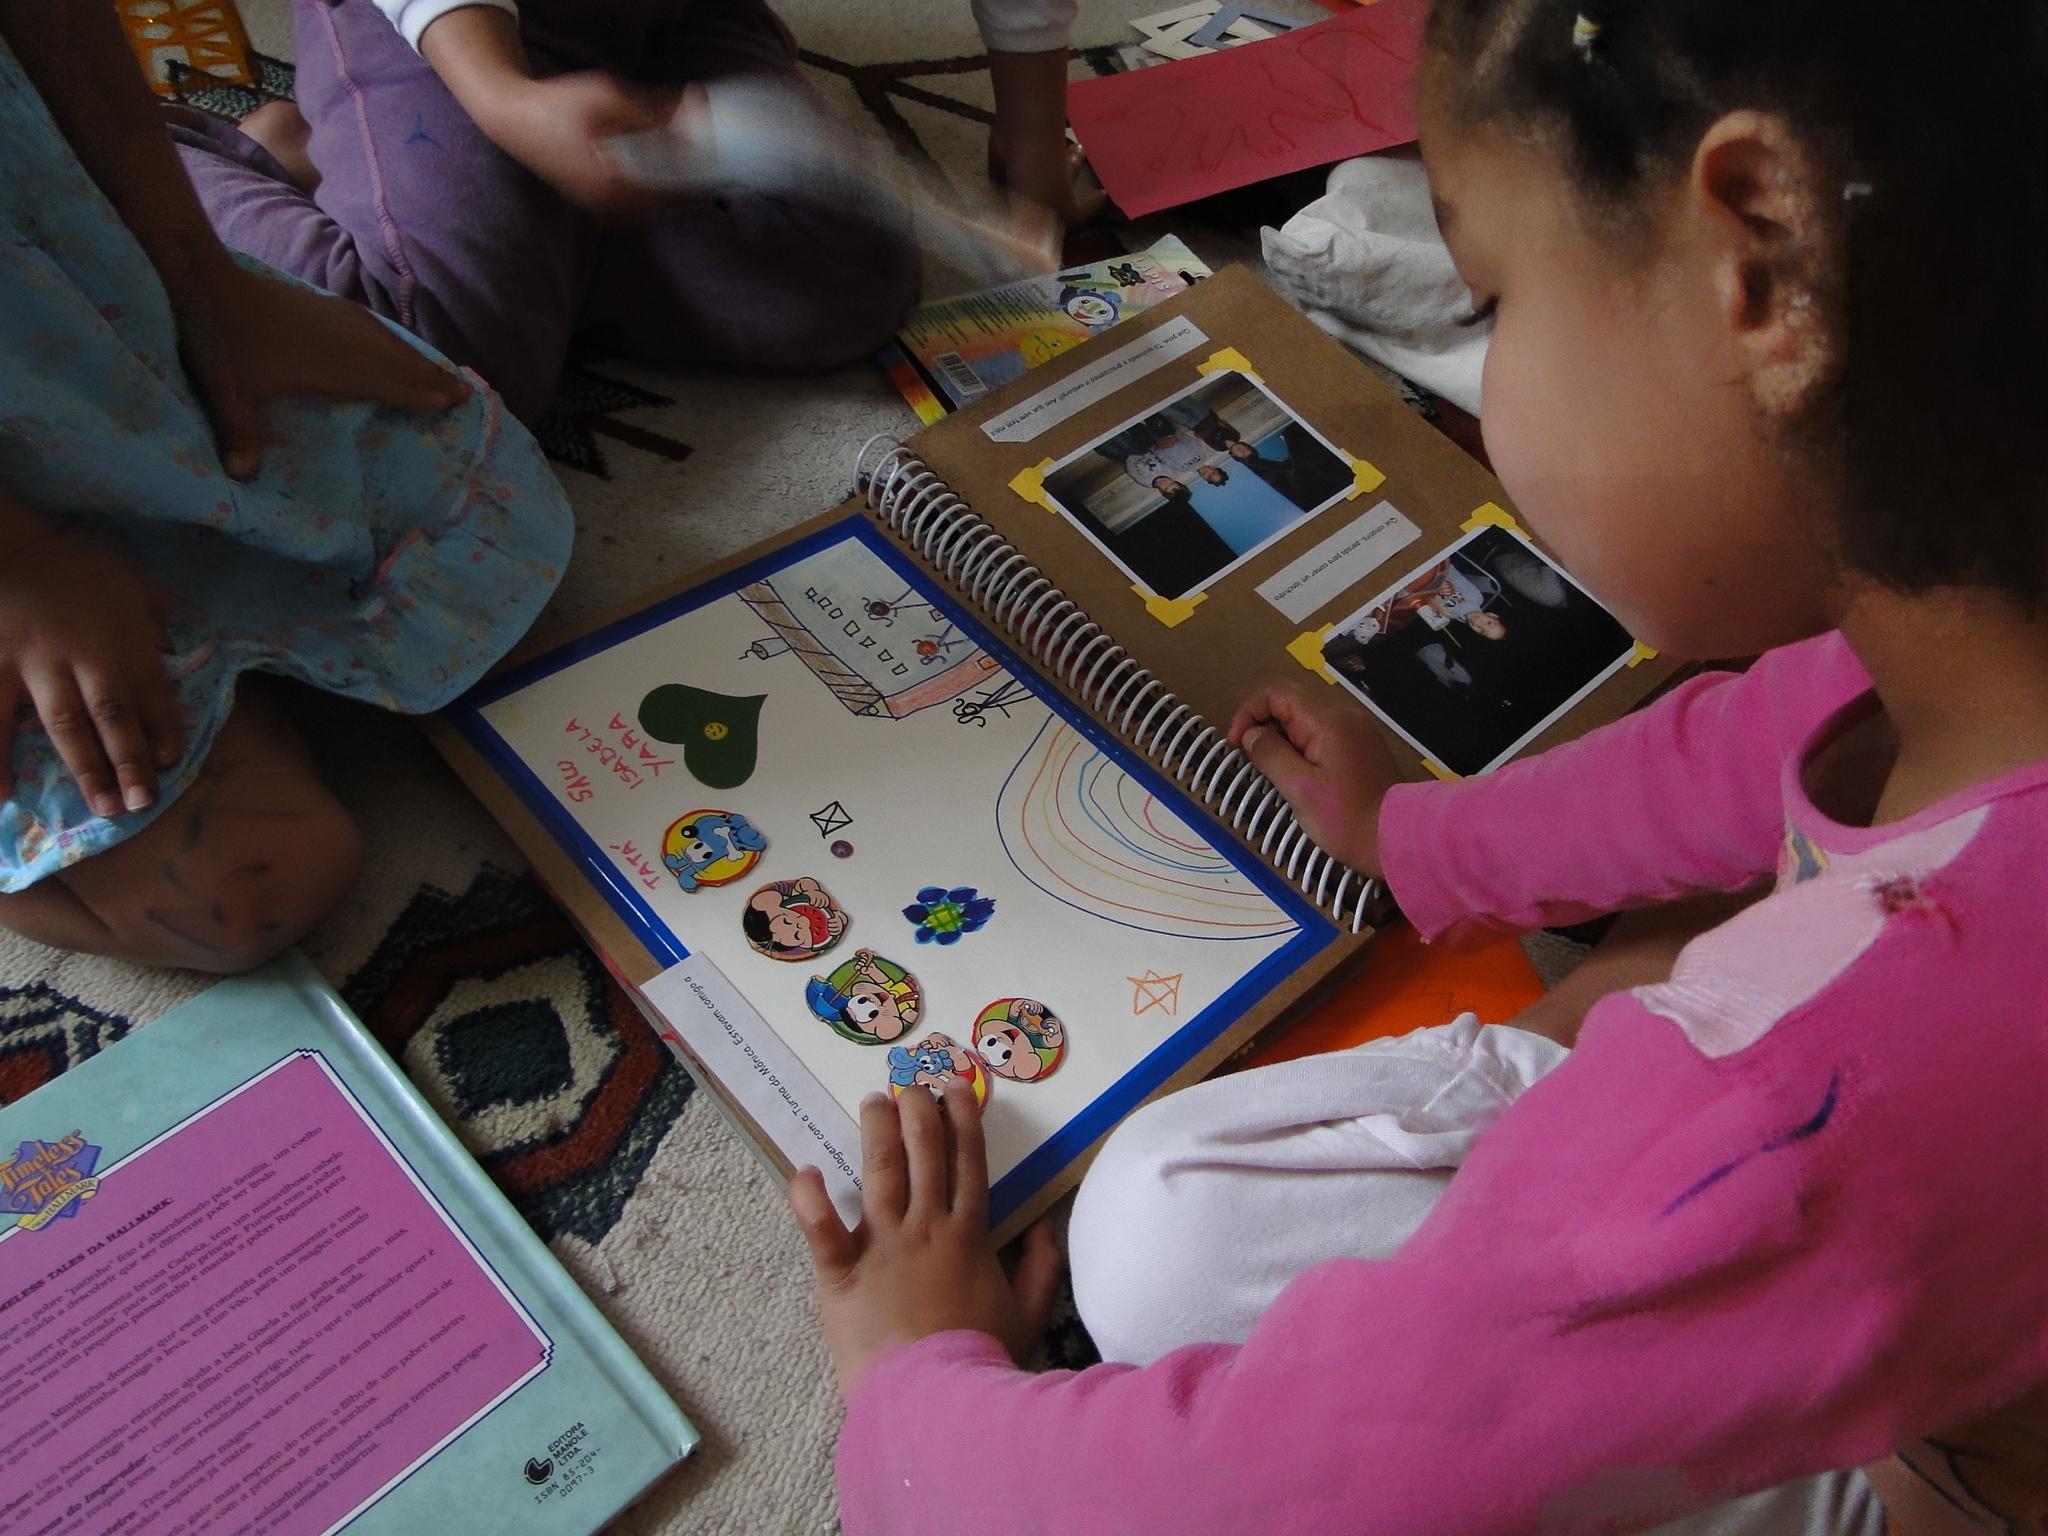 Arte Crecas e FMH-jul-09 088.jpg